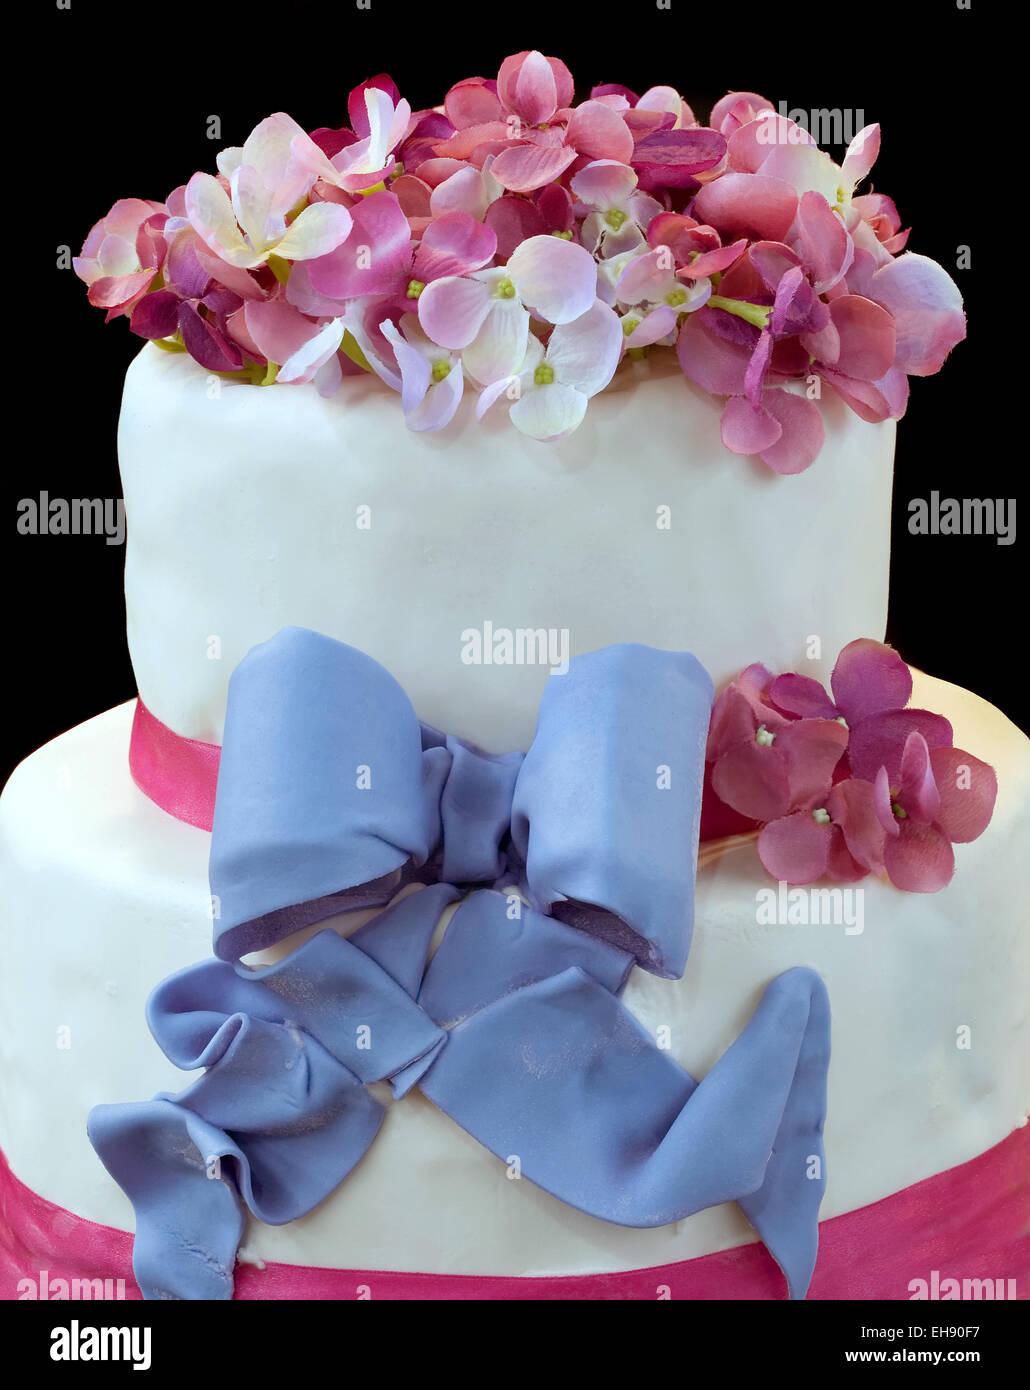 Gâteau de mariage isolé sur fond sombre Photo Stock